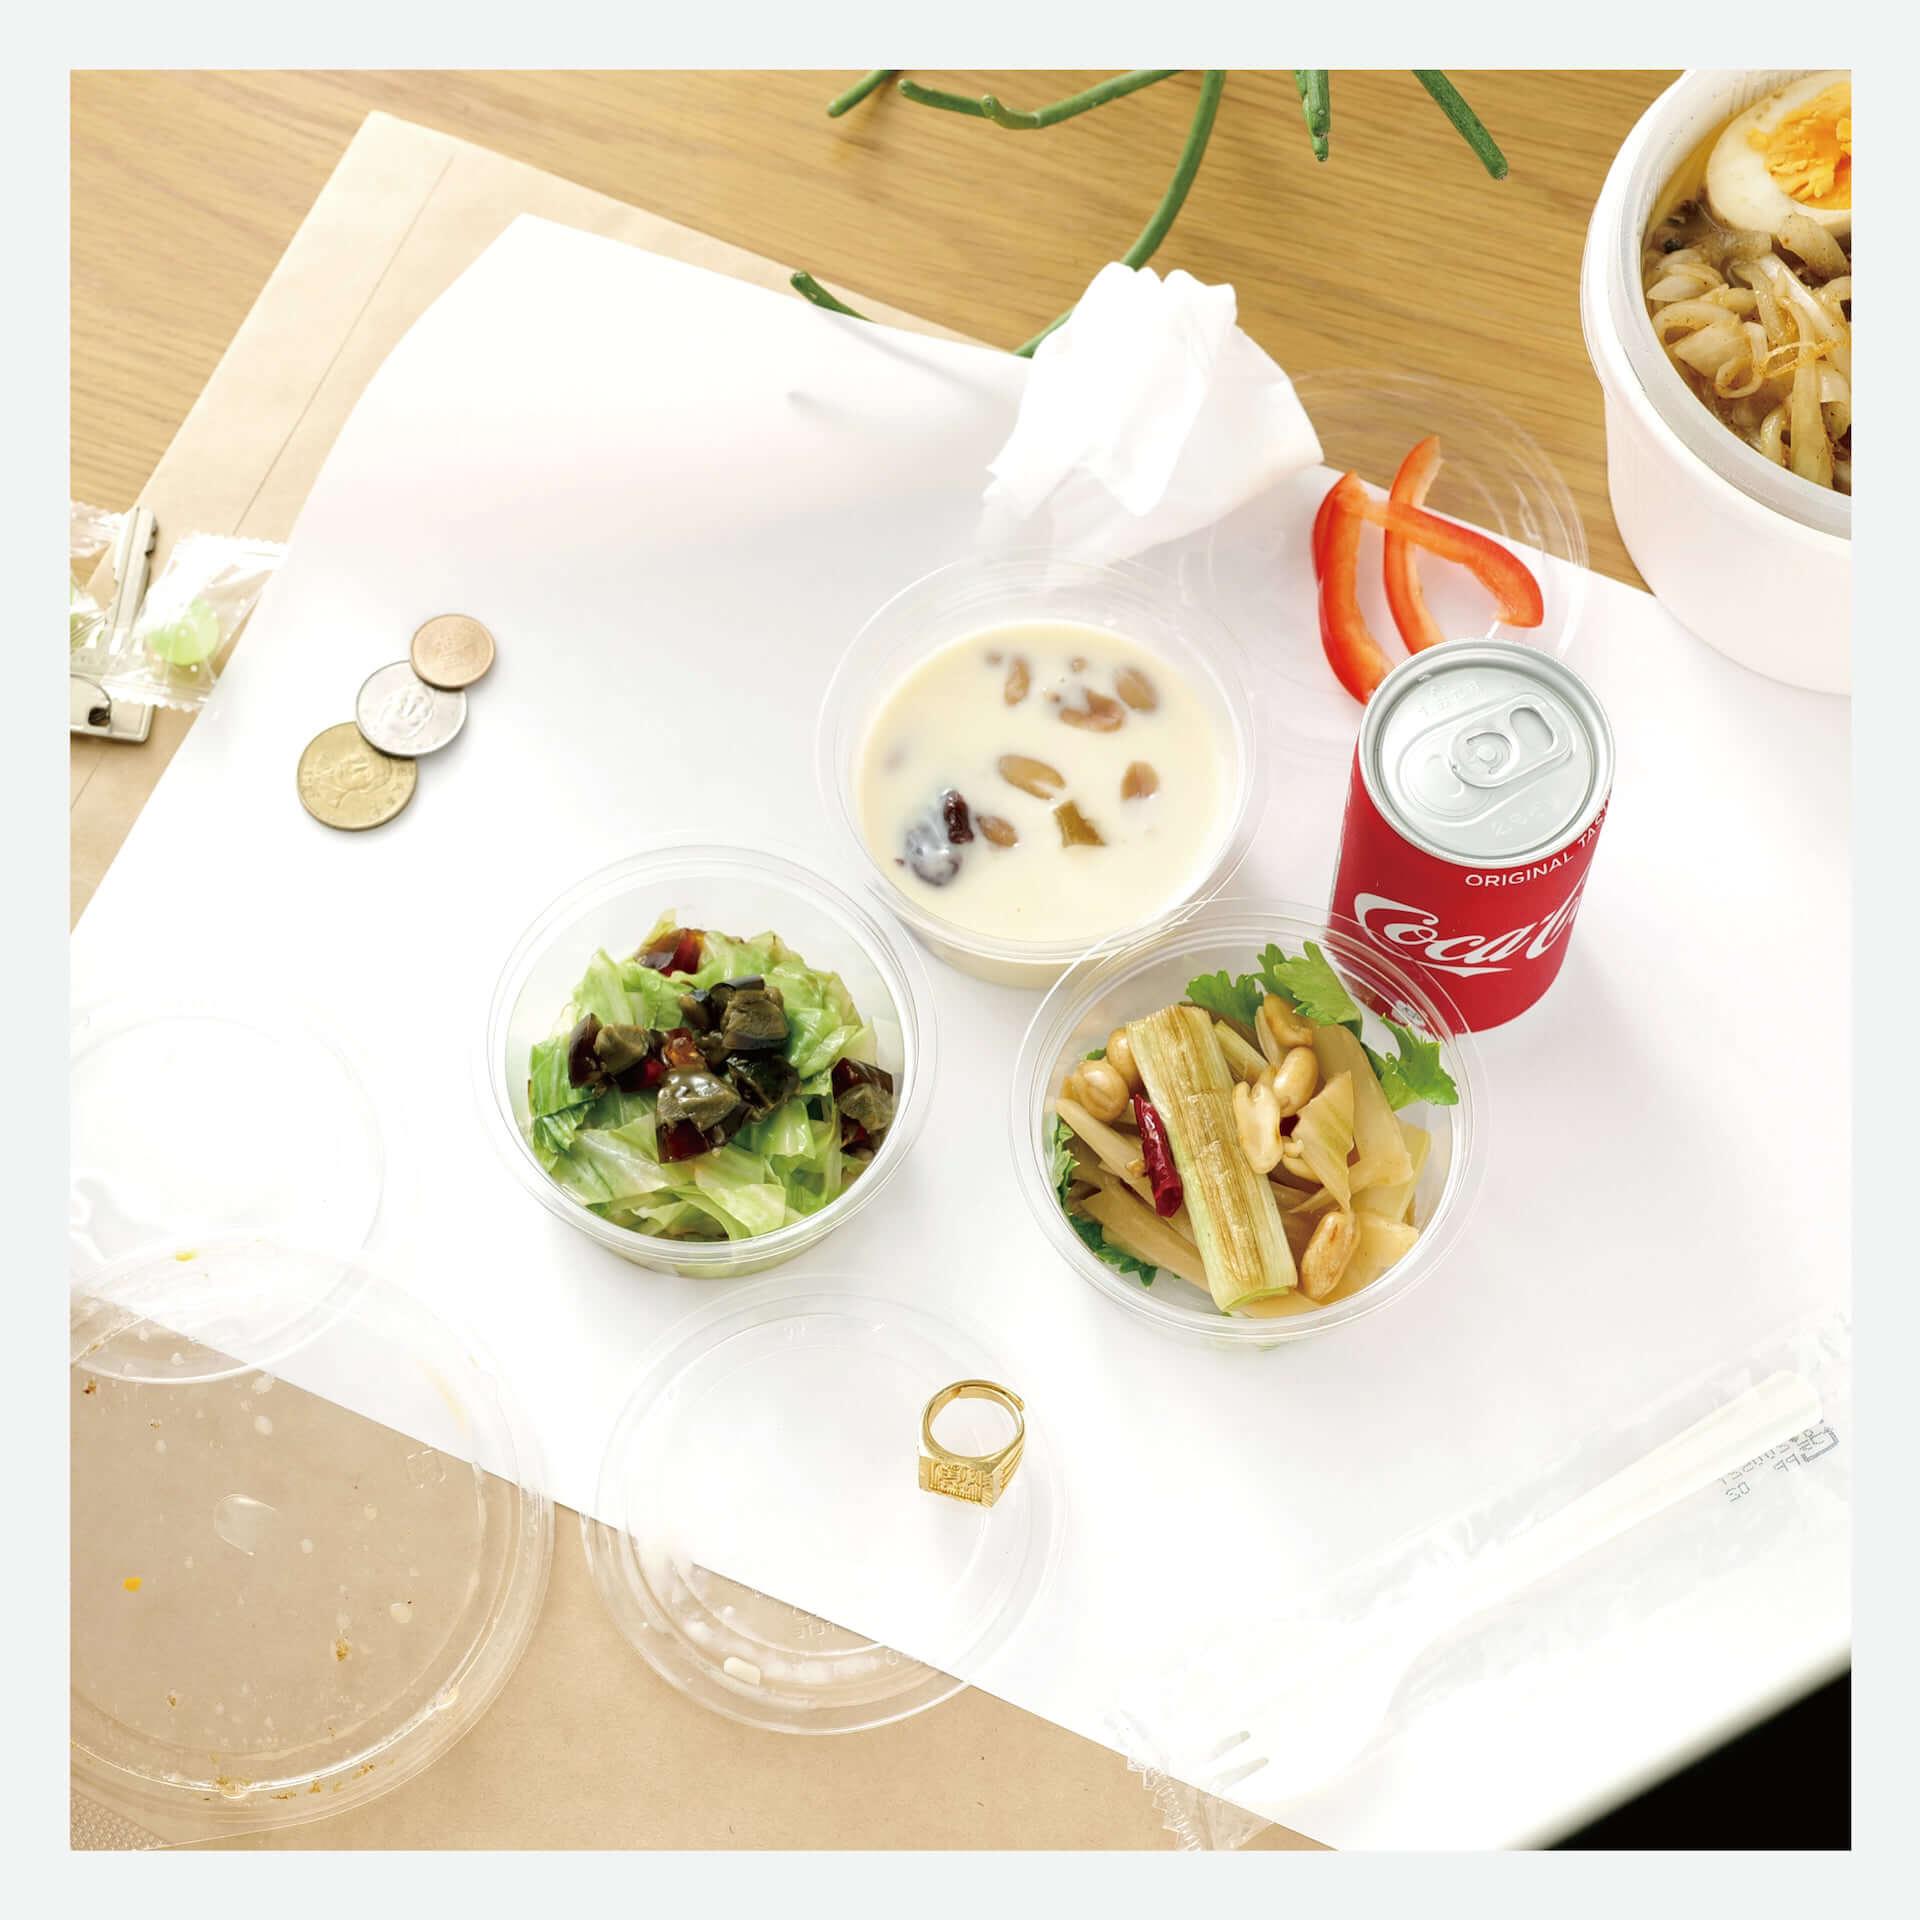 松㟢翔平のオリジナルレシピによる『小黑滷肉飯』が渋谷PELLS coffee&barにて販売開始!「味覚で台湾を感じていただけたら」 gourmet201005_matuzakishohei-luroufan_4-1920x1920